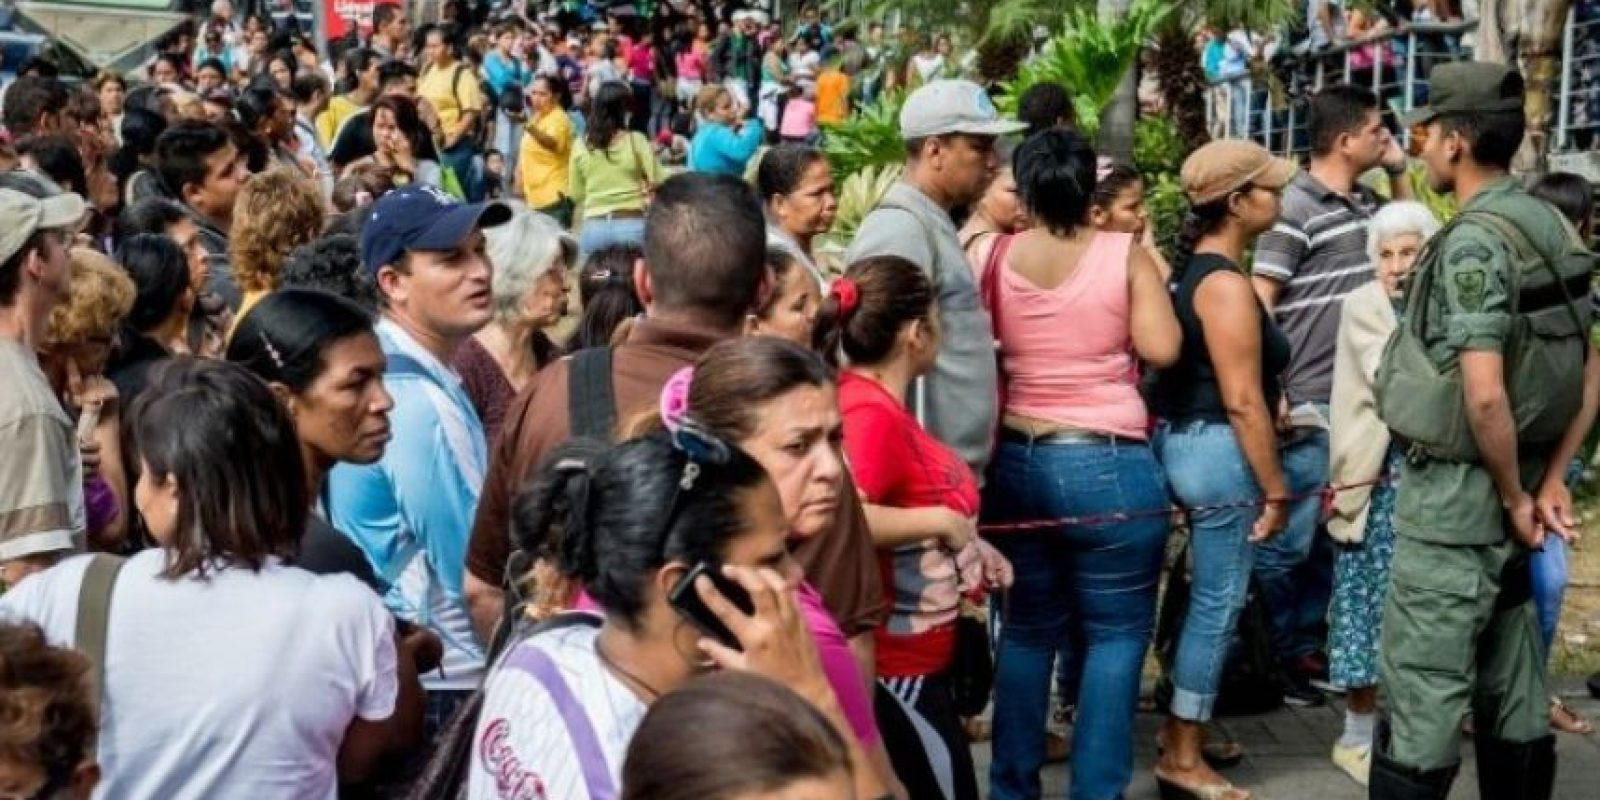 Se han tenido que enfrentar a problemas como el racionamiento de los productos básicos, lo que ha provocado batallas campales. Esto fue lo que sucedió en San Antonio, en el estado de Miranda, en Venezuela. Foto:Getty Images